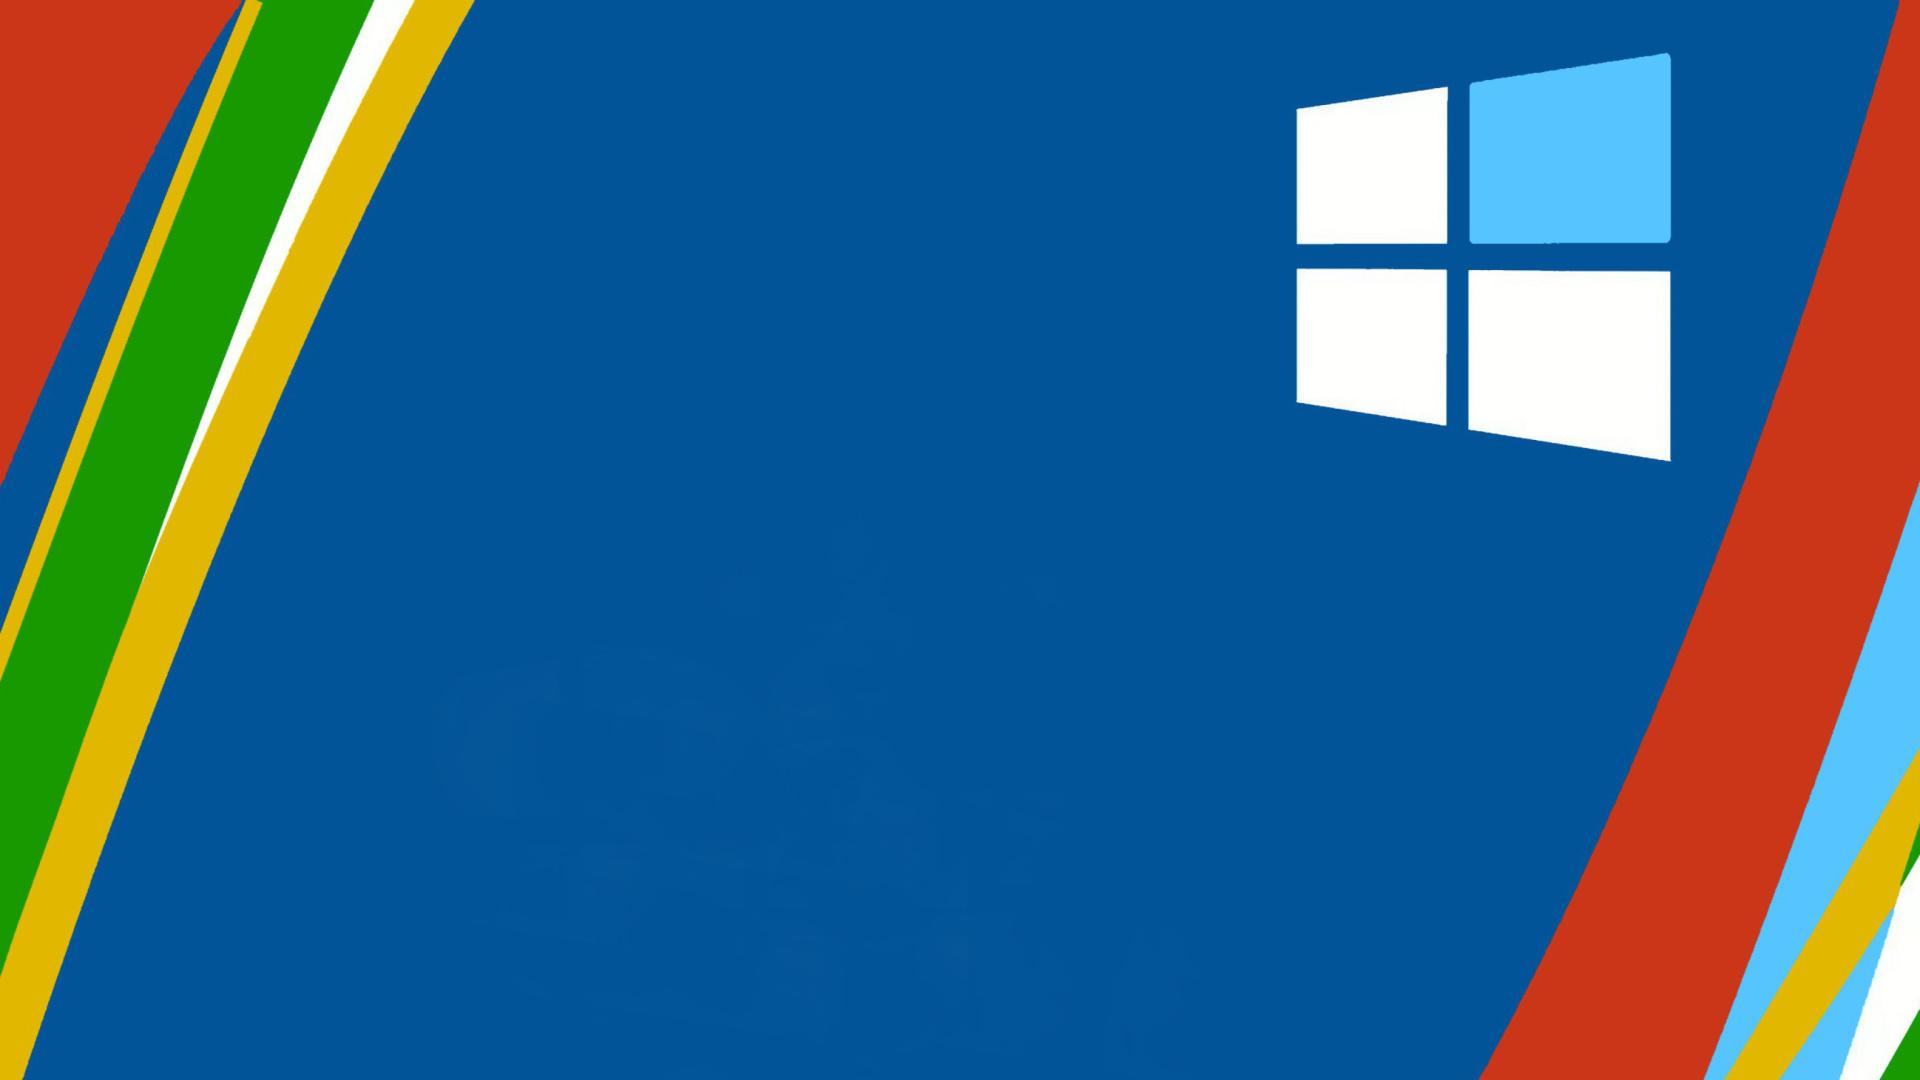 Windows 10 Hd Personalization Wallpaper For Desktop